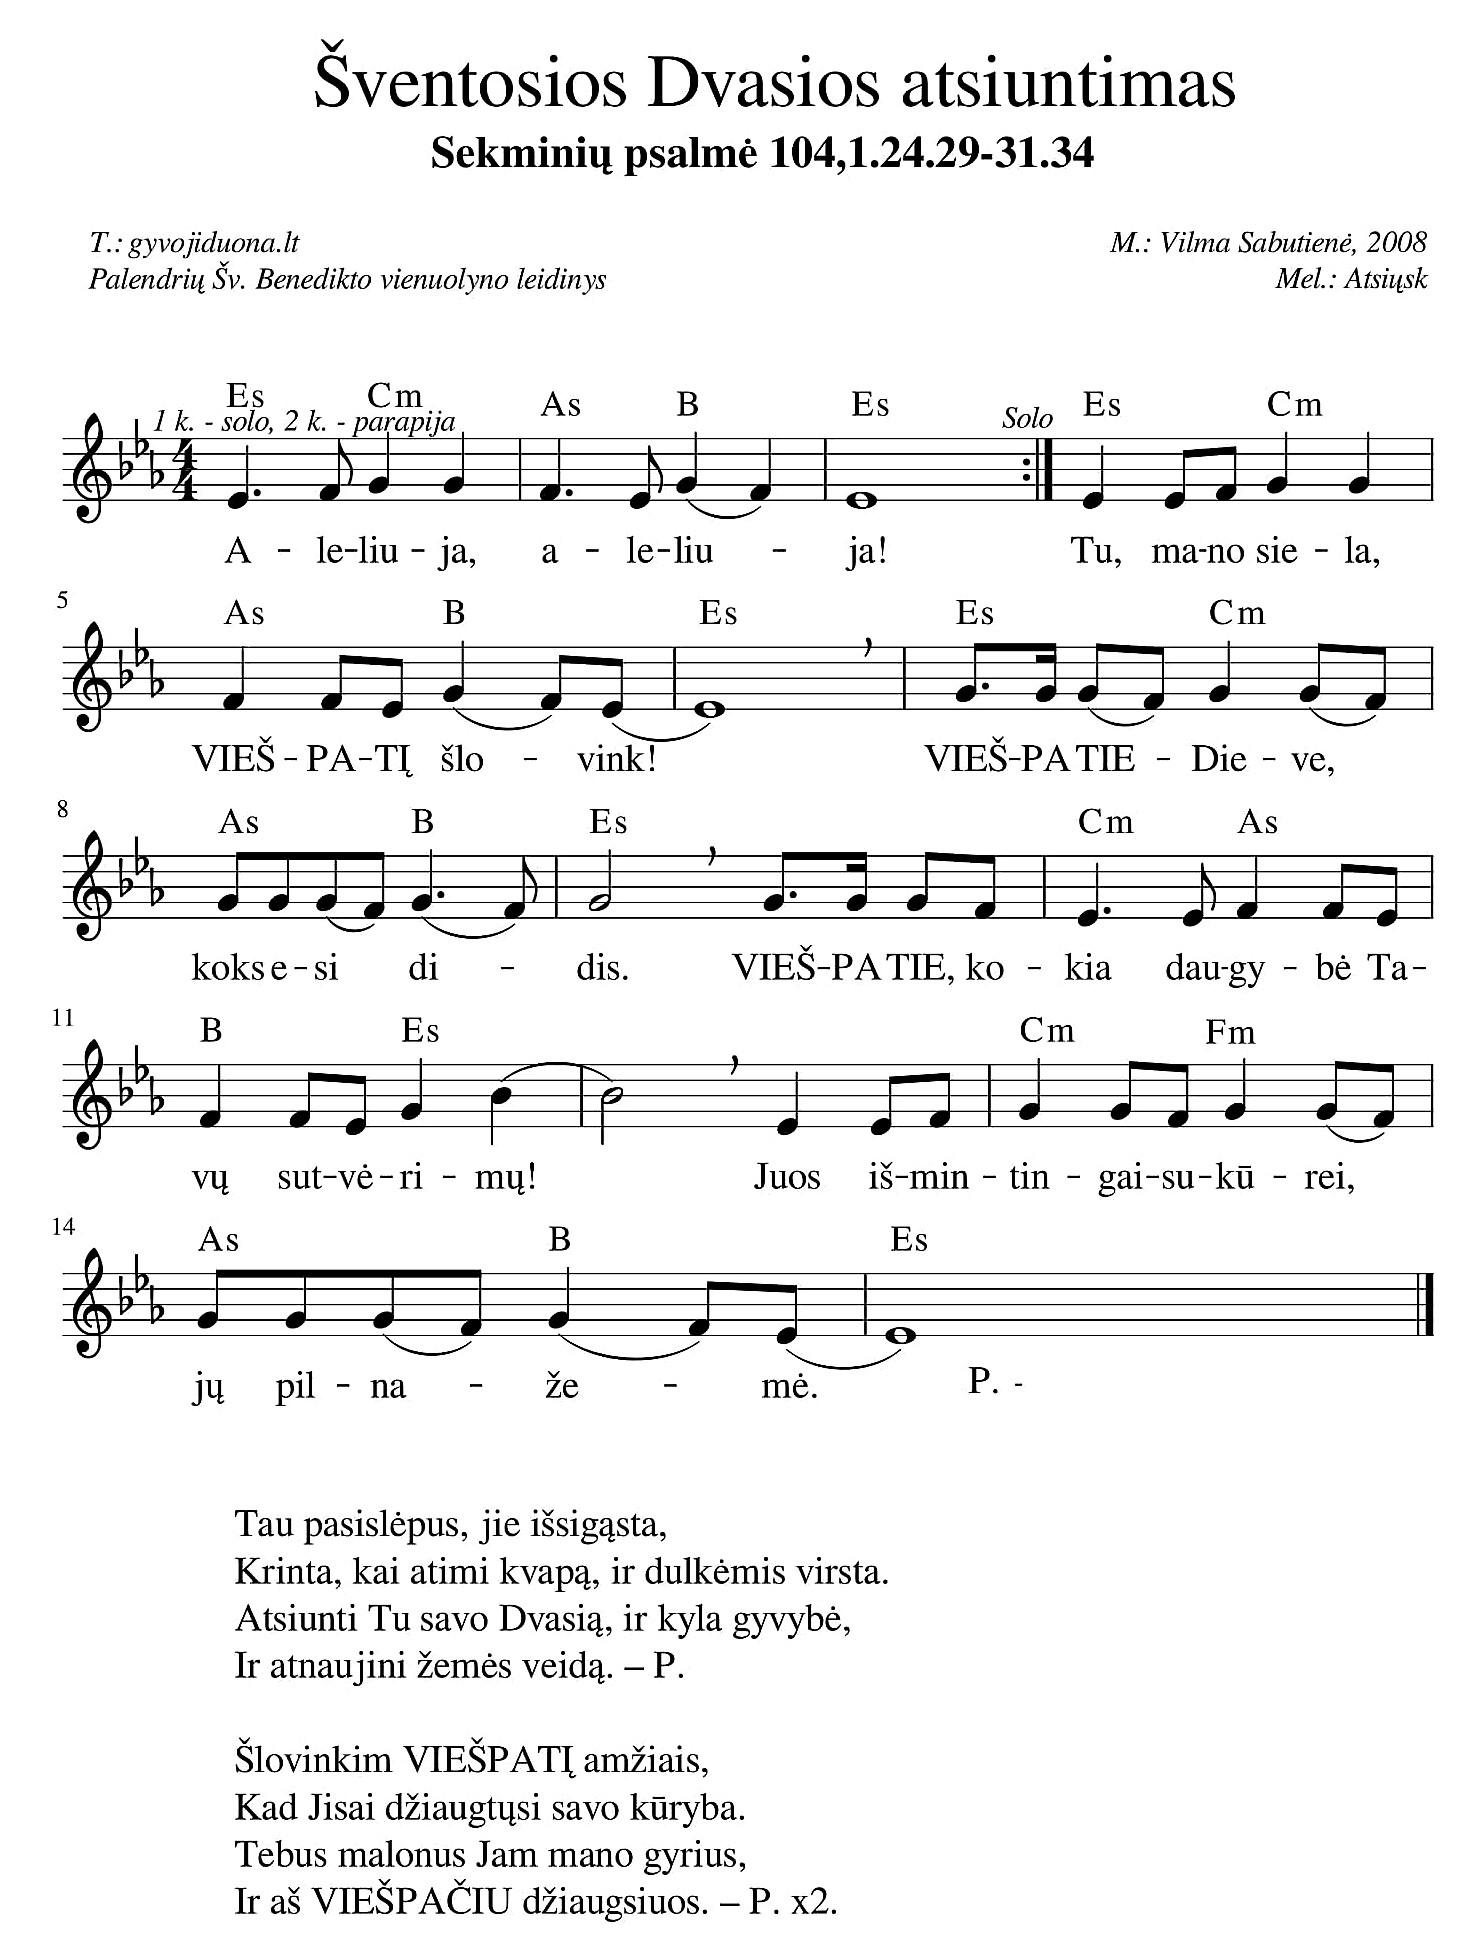 Sekminių psalmė 104,1.24.29-31.34-1